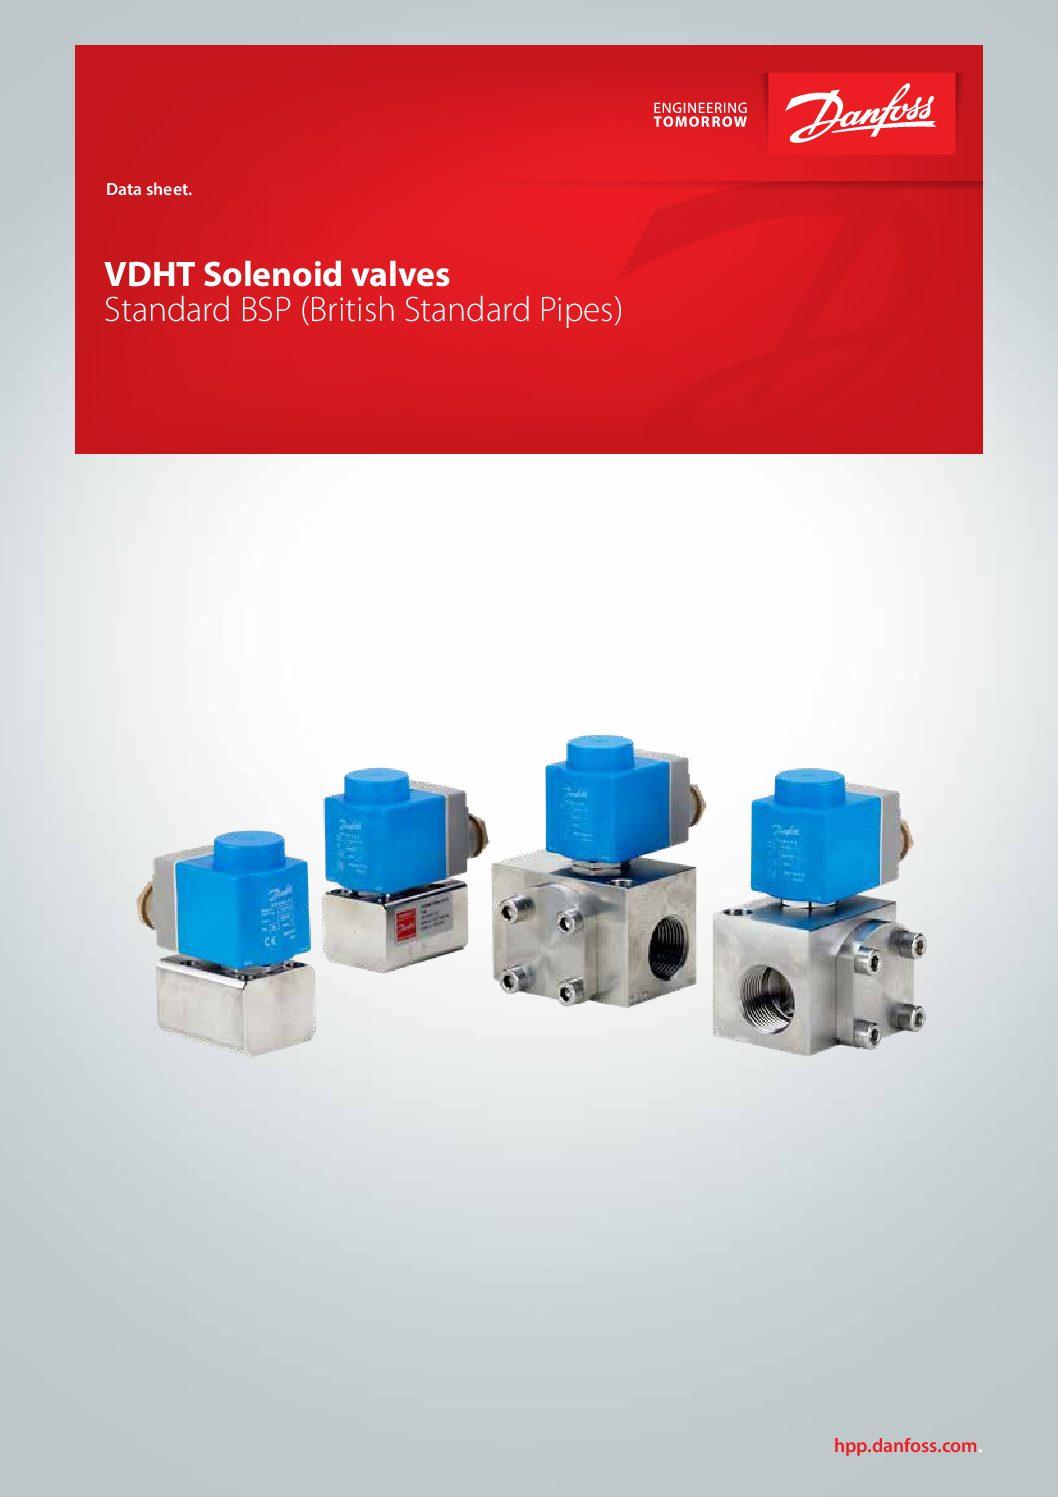 Elektrozawory VDHT mycie wysokociśnieniowe 2018 pdf 212x300 Elektrozawory VDHT mycie wysokociśnieniowe 2018